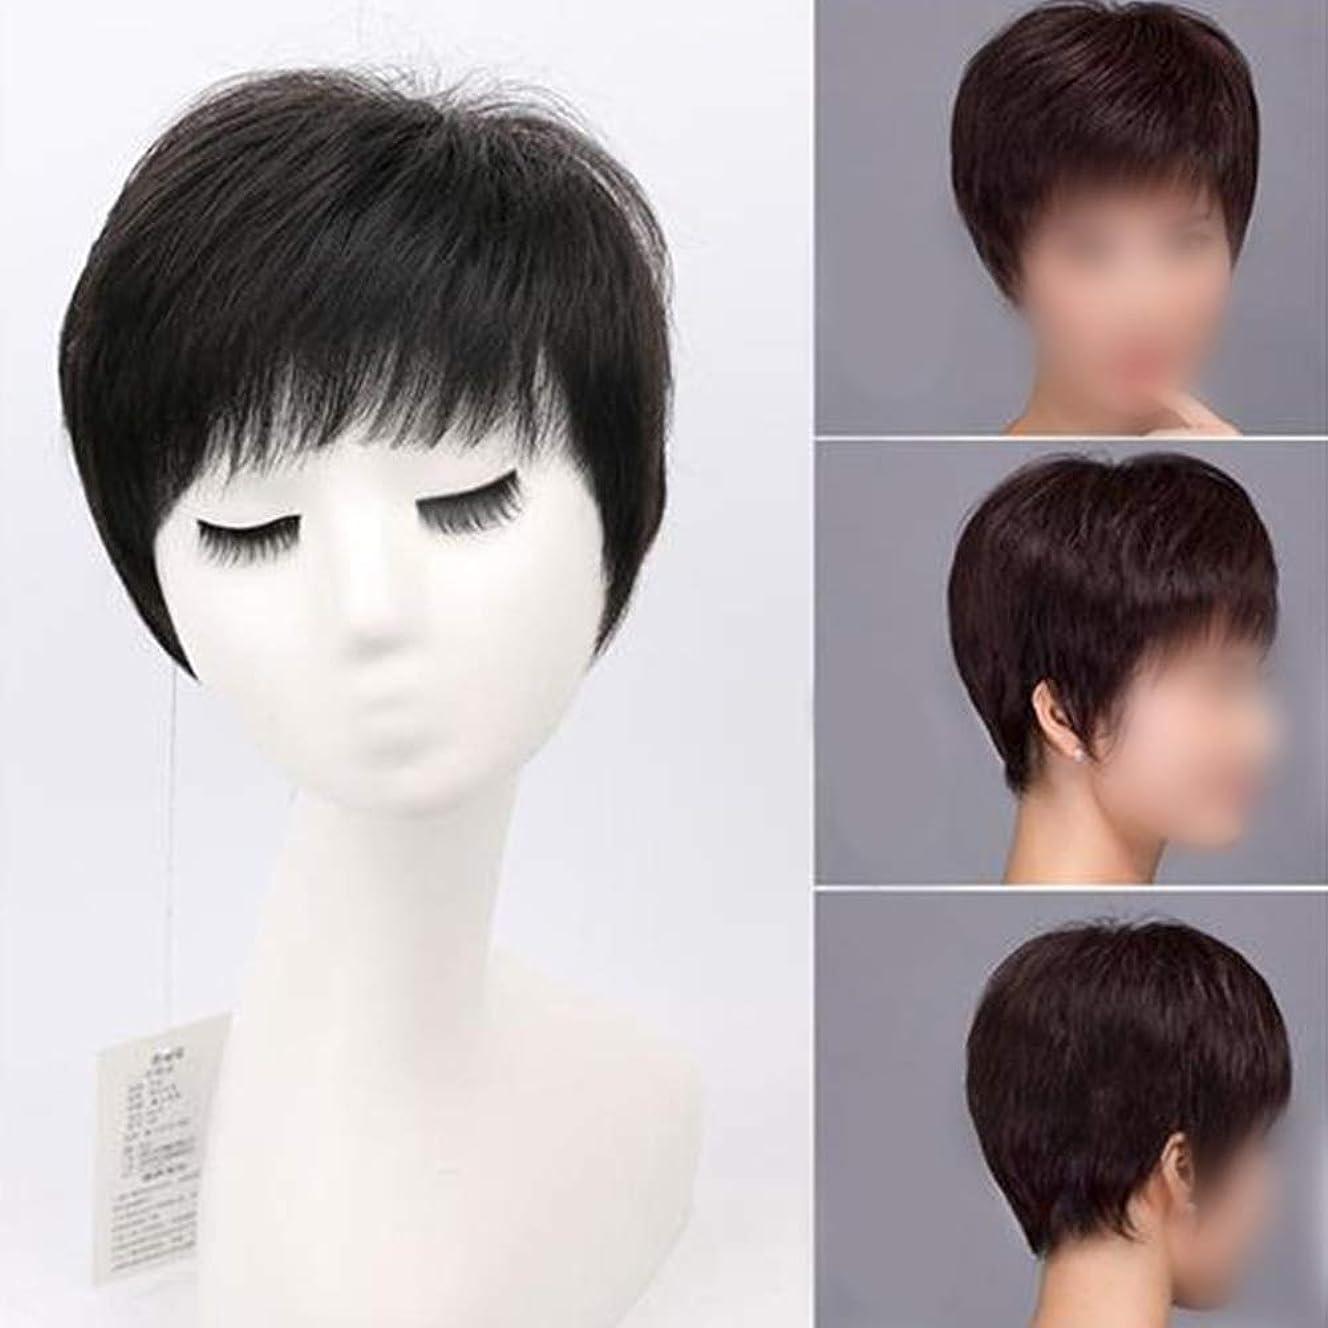 混雑凍る最初YAHONGOE 女性のための空気前髪付きリアルヘアショートストレートヘアミドルとオールドウィッグナチュラルリアルなファッションウィッグ (色 : ワインレッド)